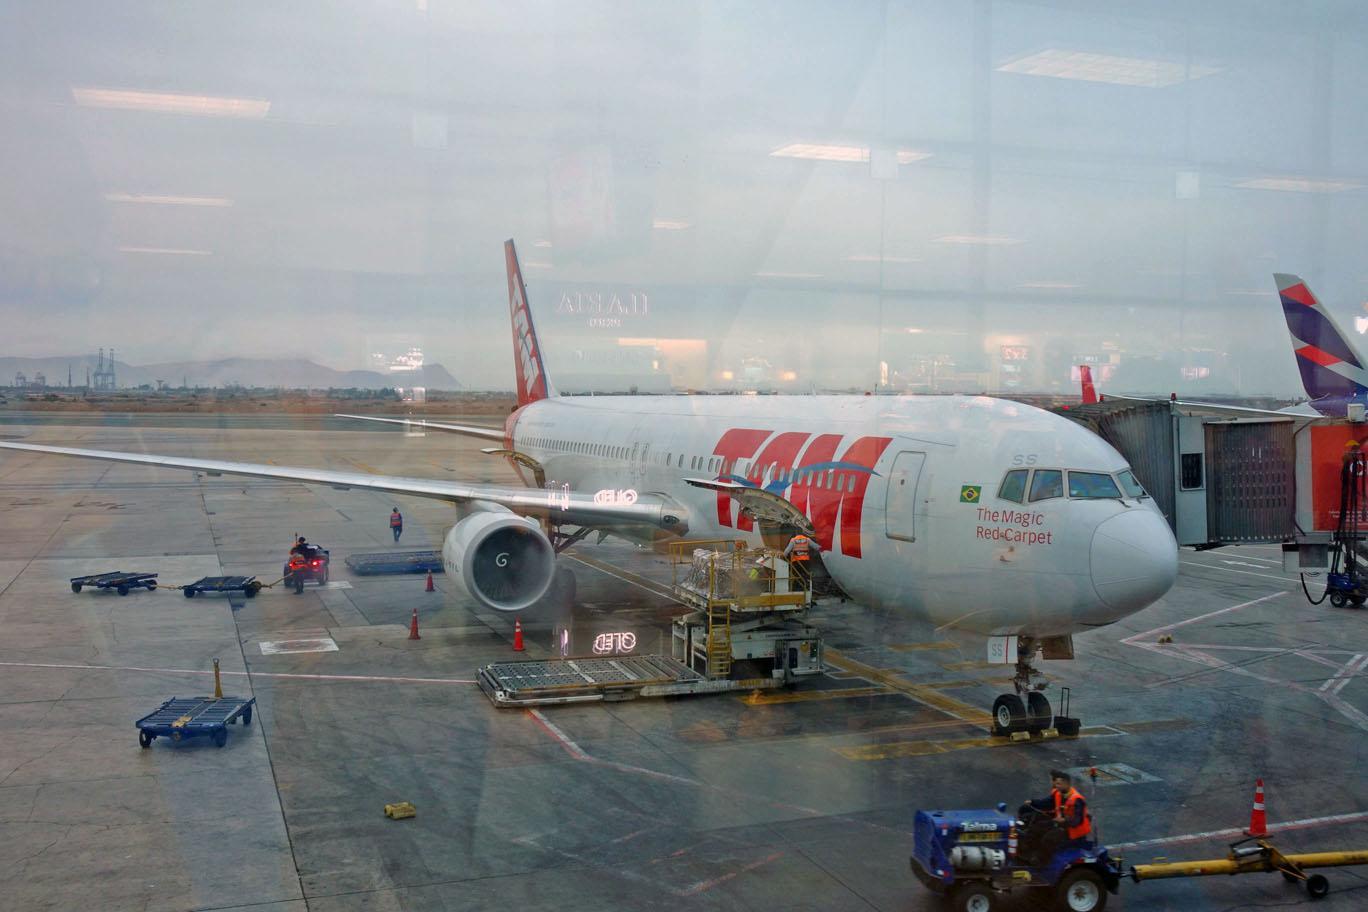 Маски теперь обязательны на рейсах LATAM